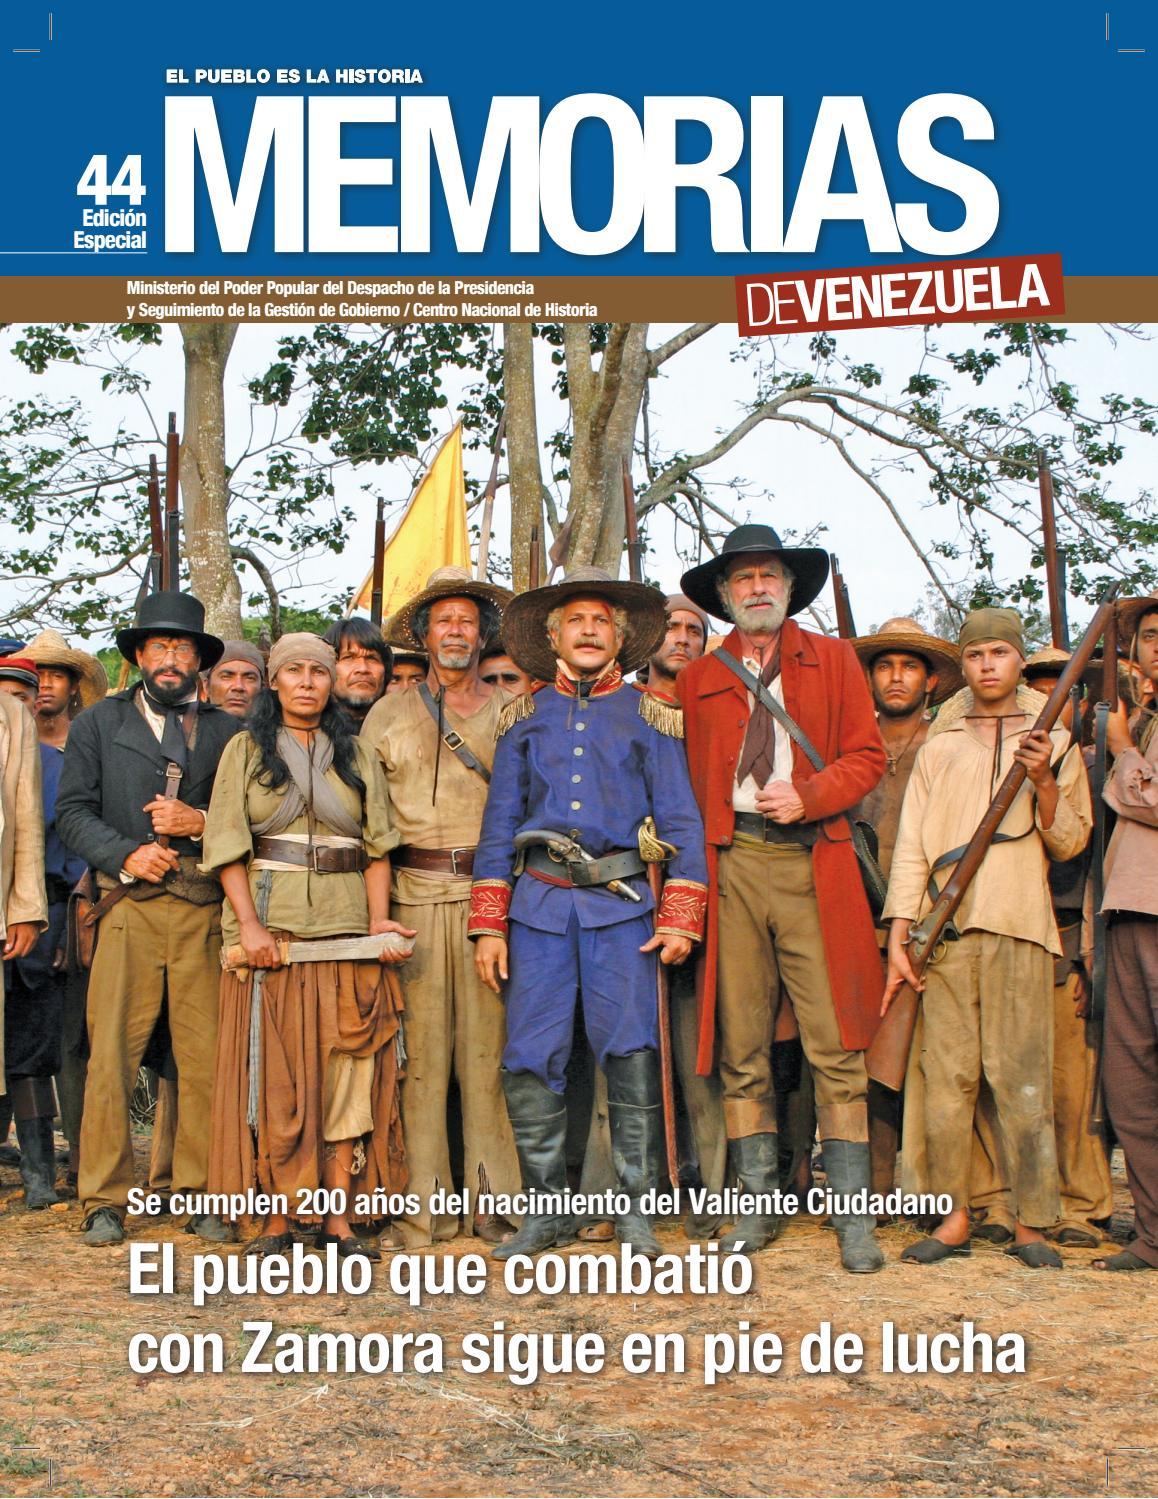 c82e827d2a7 Memorias de Venezuela Nº44 - El pueblo que comabtió con Zamora sigue en pie  de lucha by Fundación Centro Nacional de Historia - issuu